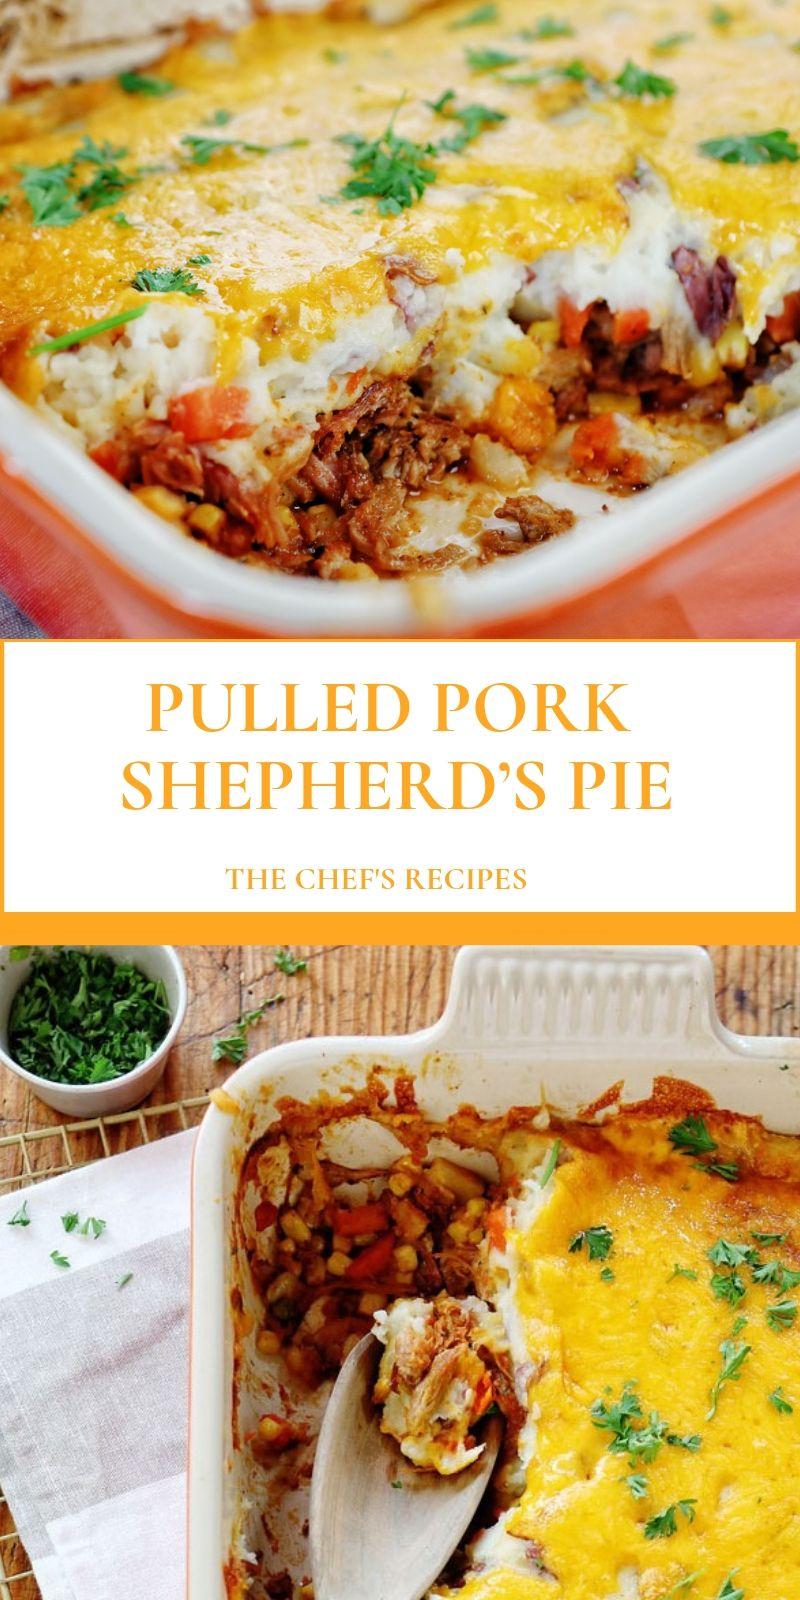 PULLED PORK SHEPHERD'S PIE #shepardspie